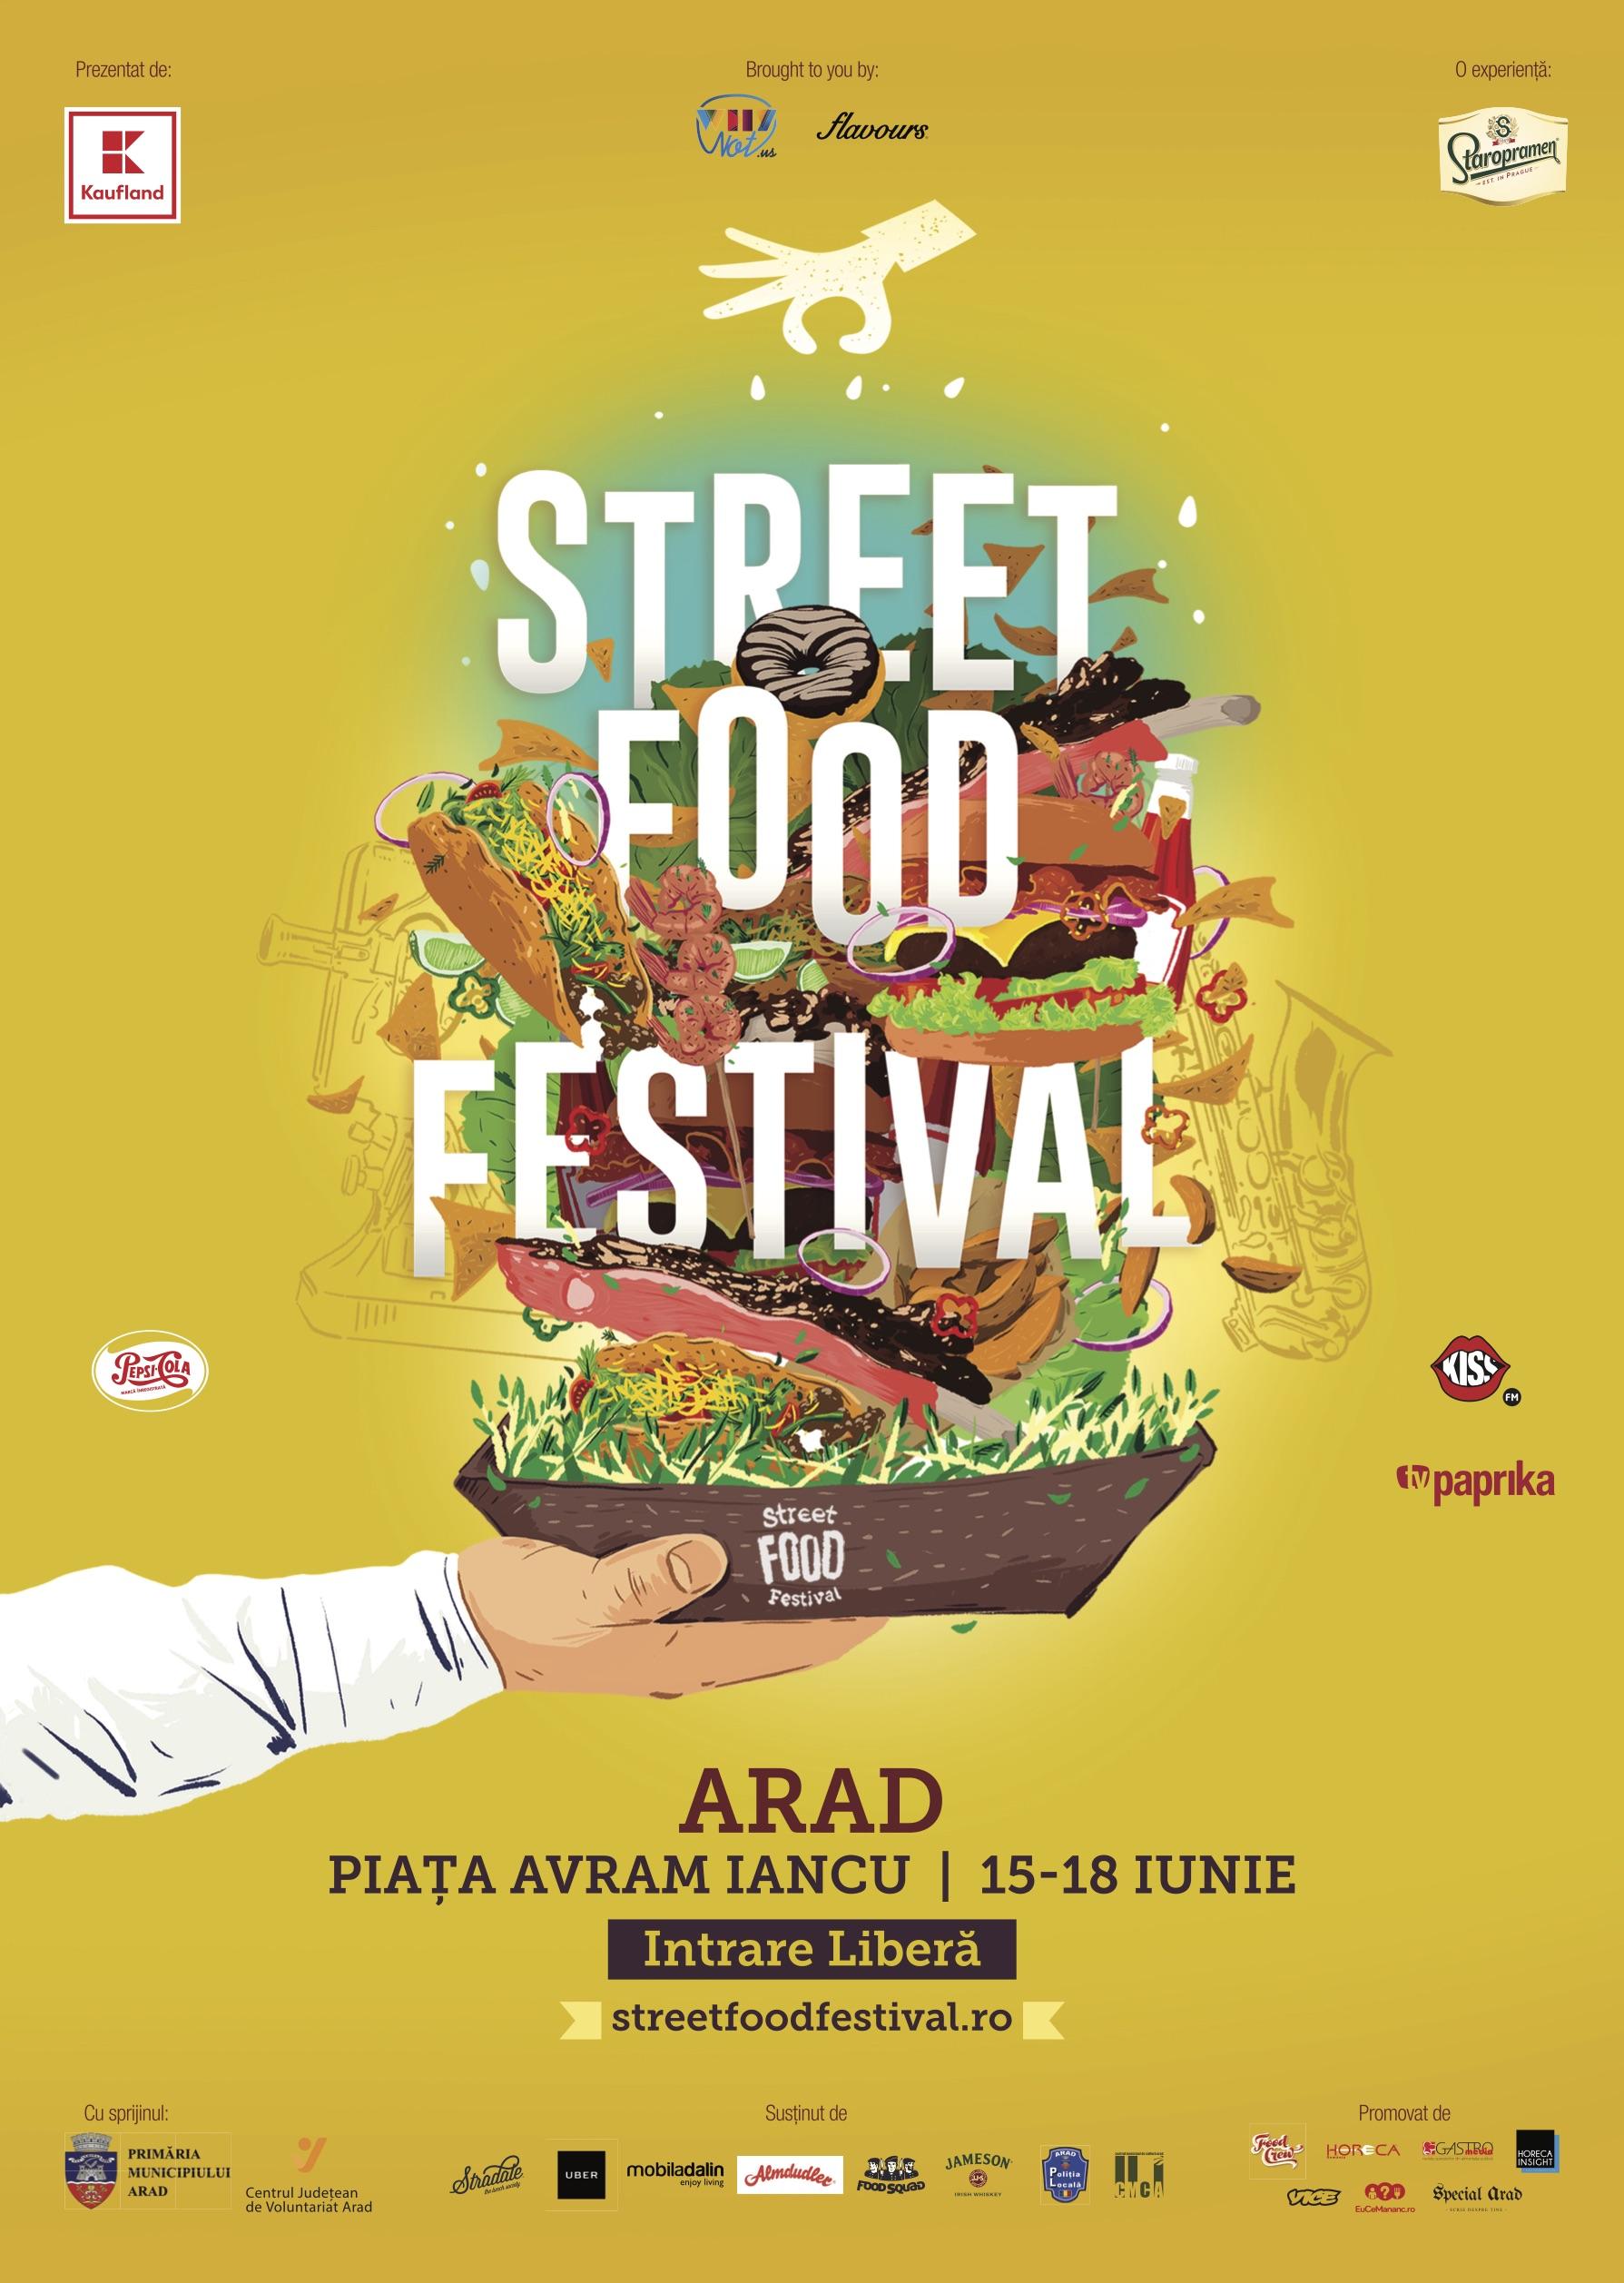 Street_Food_Festival_Arad